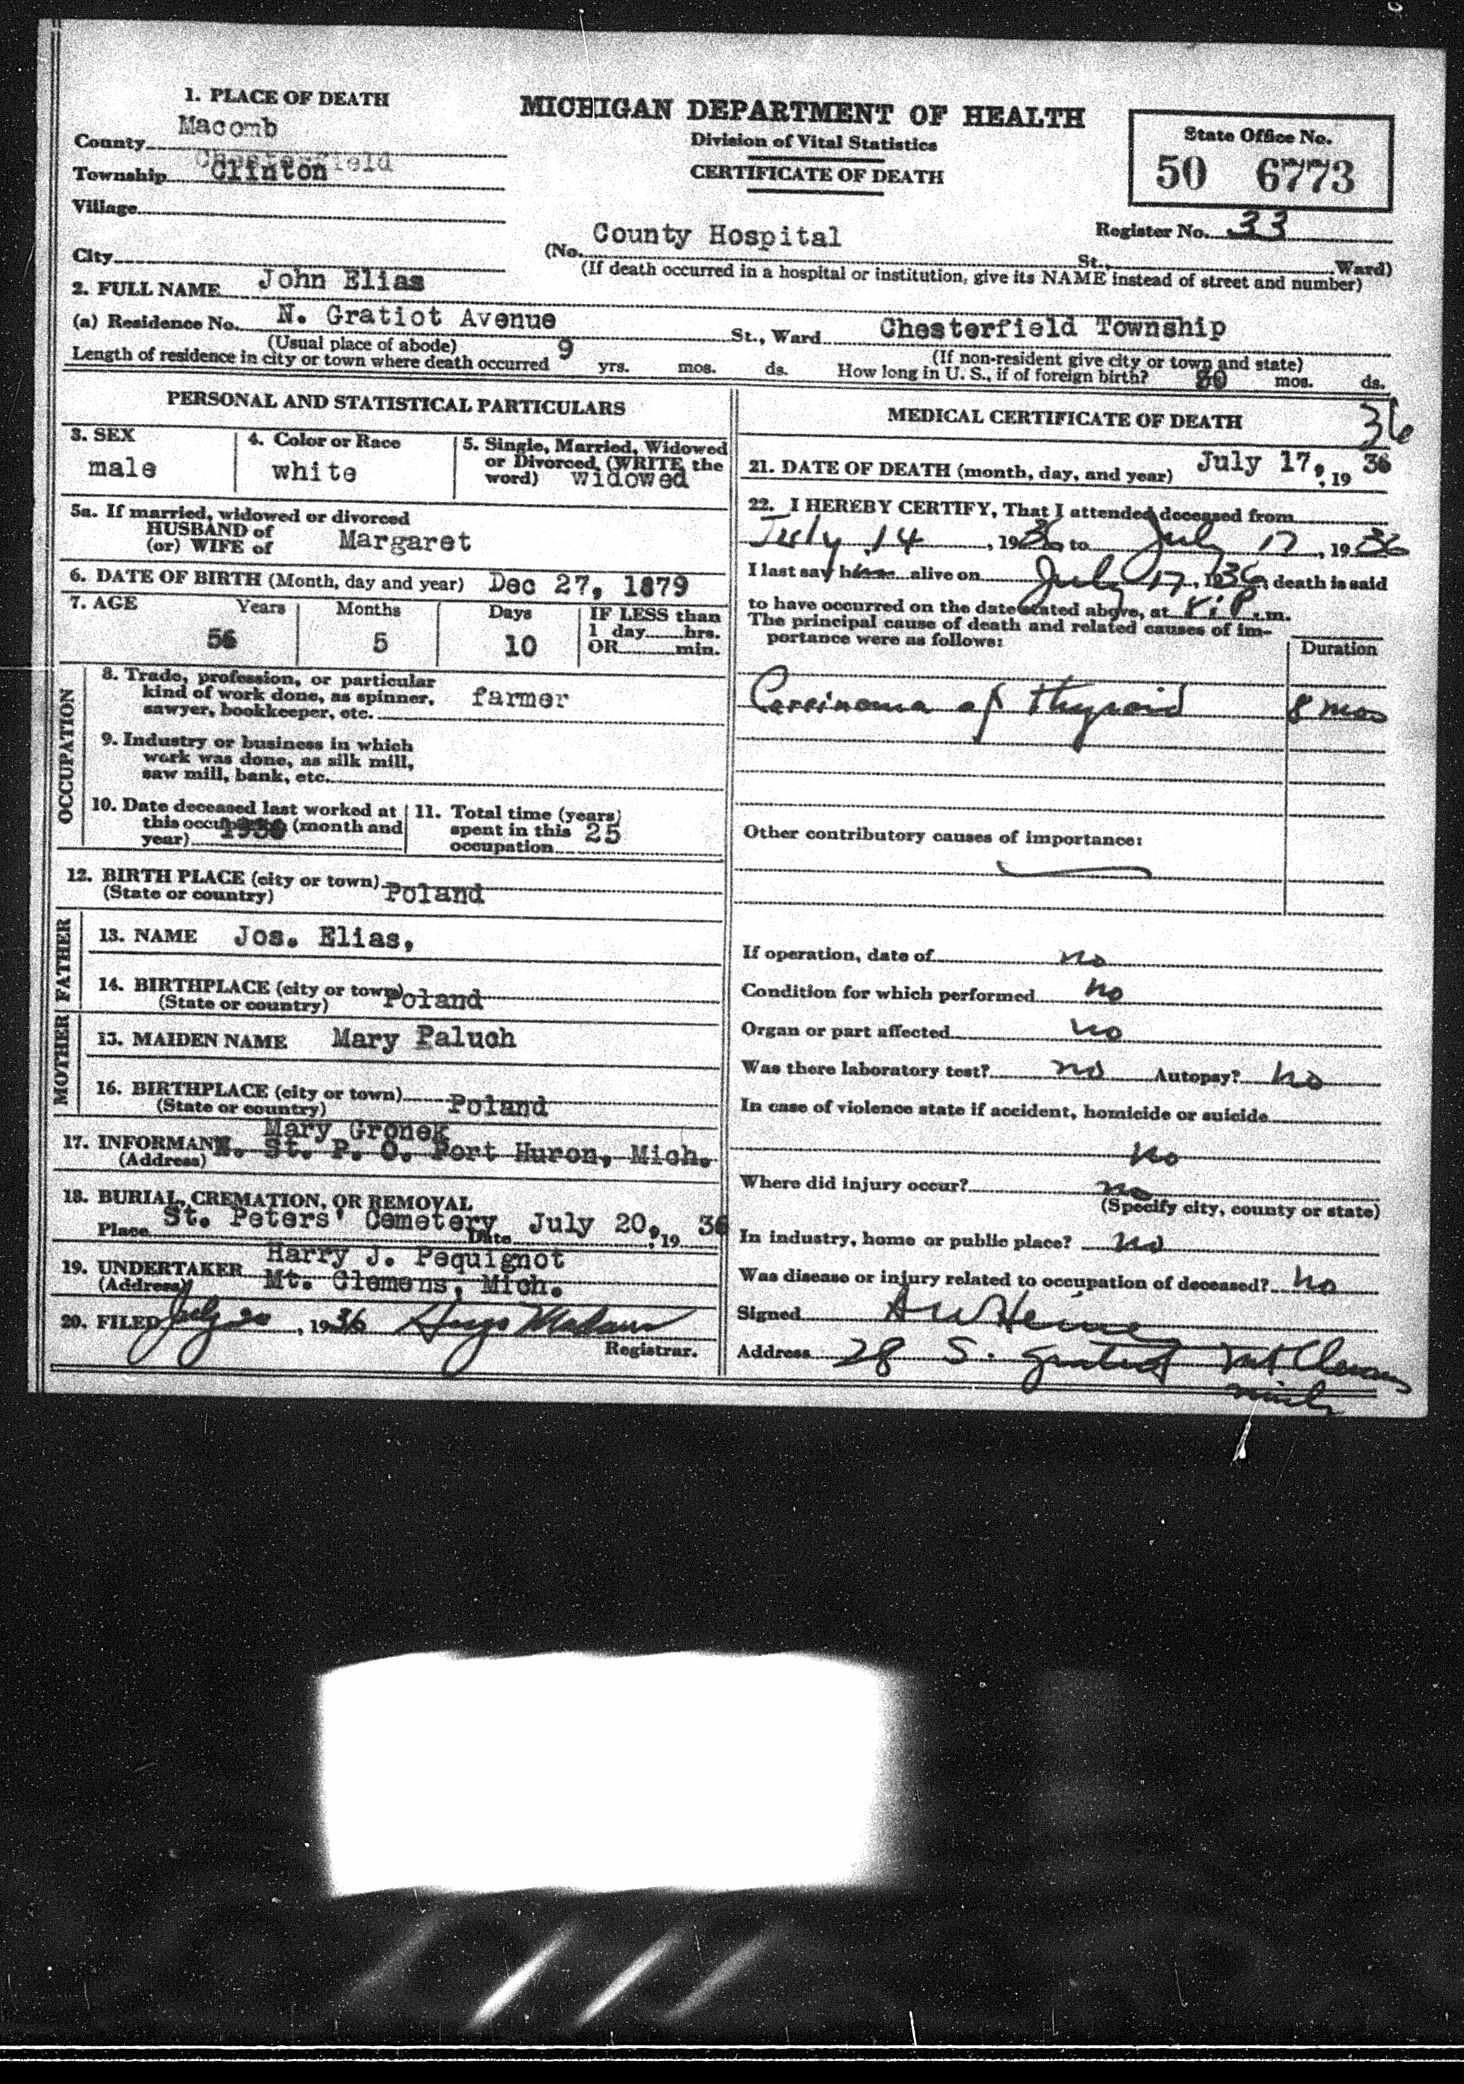 19360717_EliasJohn_ClintonTwp_DeathCert